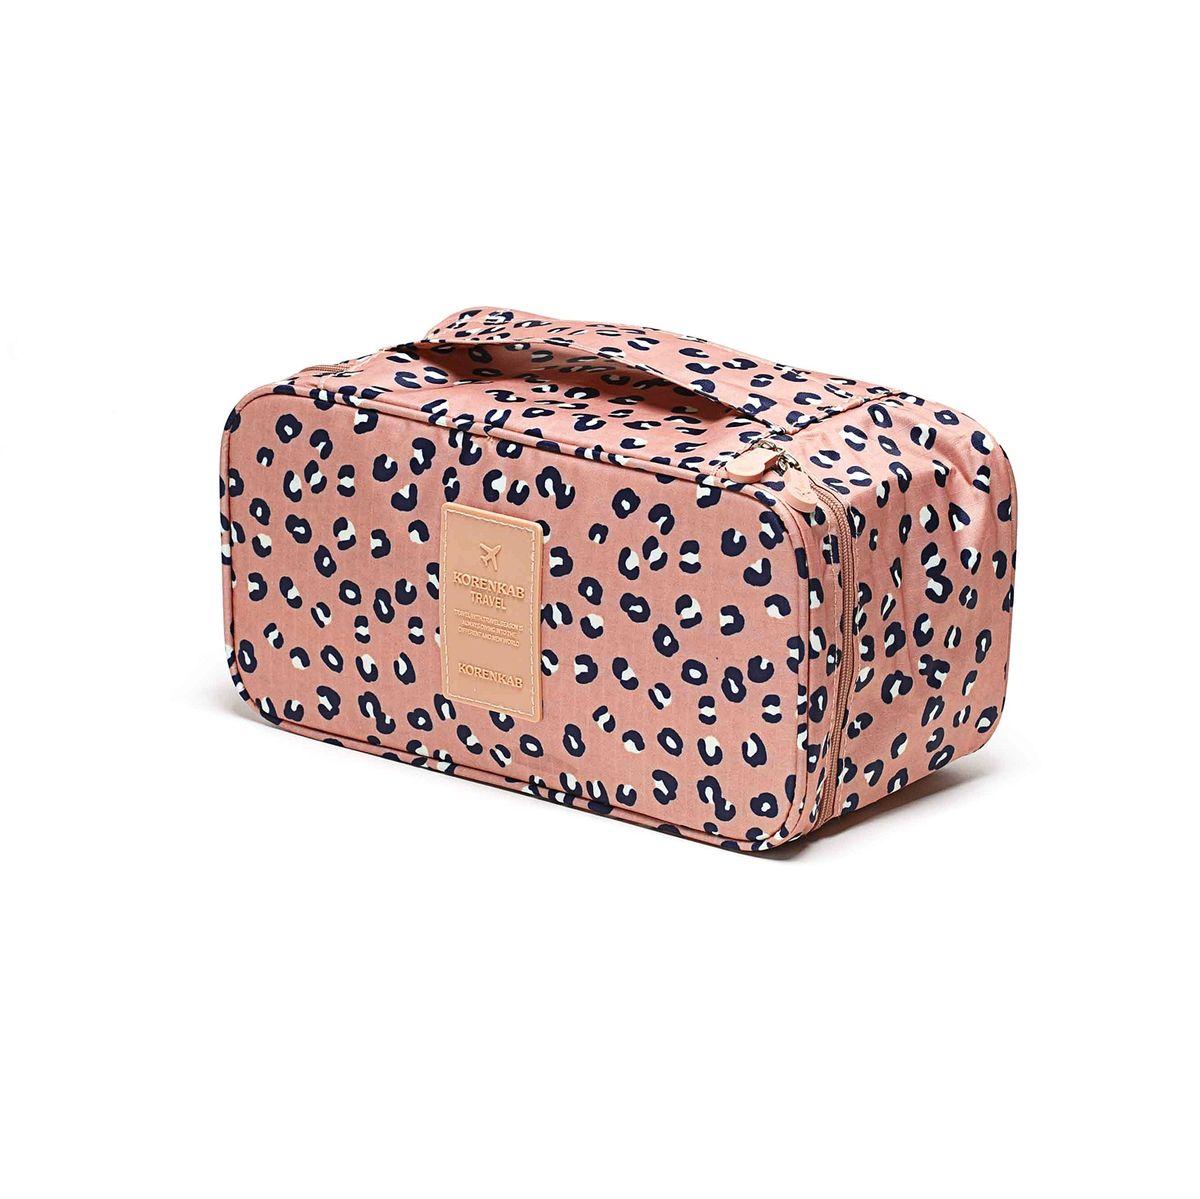 Косметичка-органайзер Homsu Леопард, 28 x 13 x 15 смHOM-357Косметичка-органайзер Homsu Леопард выполнена из высококачественного полиэстера. Закрывается изделие на застежку-молнию. Внутри имеется 4 отделения для мелочей, а также дополнительная сумочка размером 22 х 14 см, которая крепится к косметичке посредством липучки и надежно защищает ваши вещи за счет удобной молнии. Теперь вы сможете всегда брать с собой все, что вам может понадобиться. Сверху органайзера имеется ручка для удобной переноски. Косметичка-органайзер Homsu Леопард станет незаменимым аксессуаром для любой девушки.Размер косметички: 28 х 13 х 15 см. Размер сумочки: 22 х 14 см.